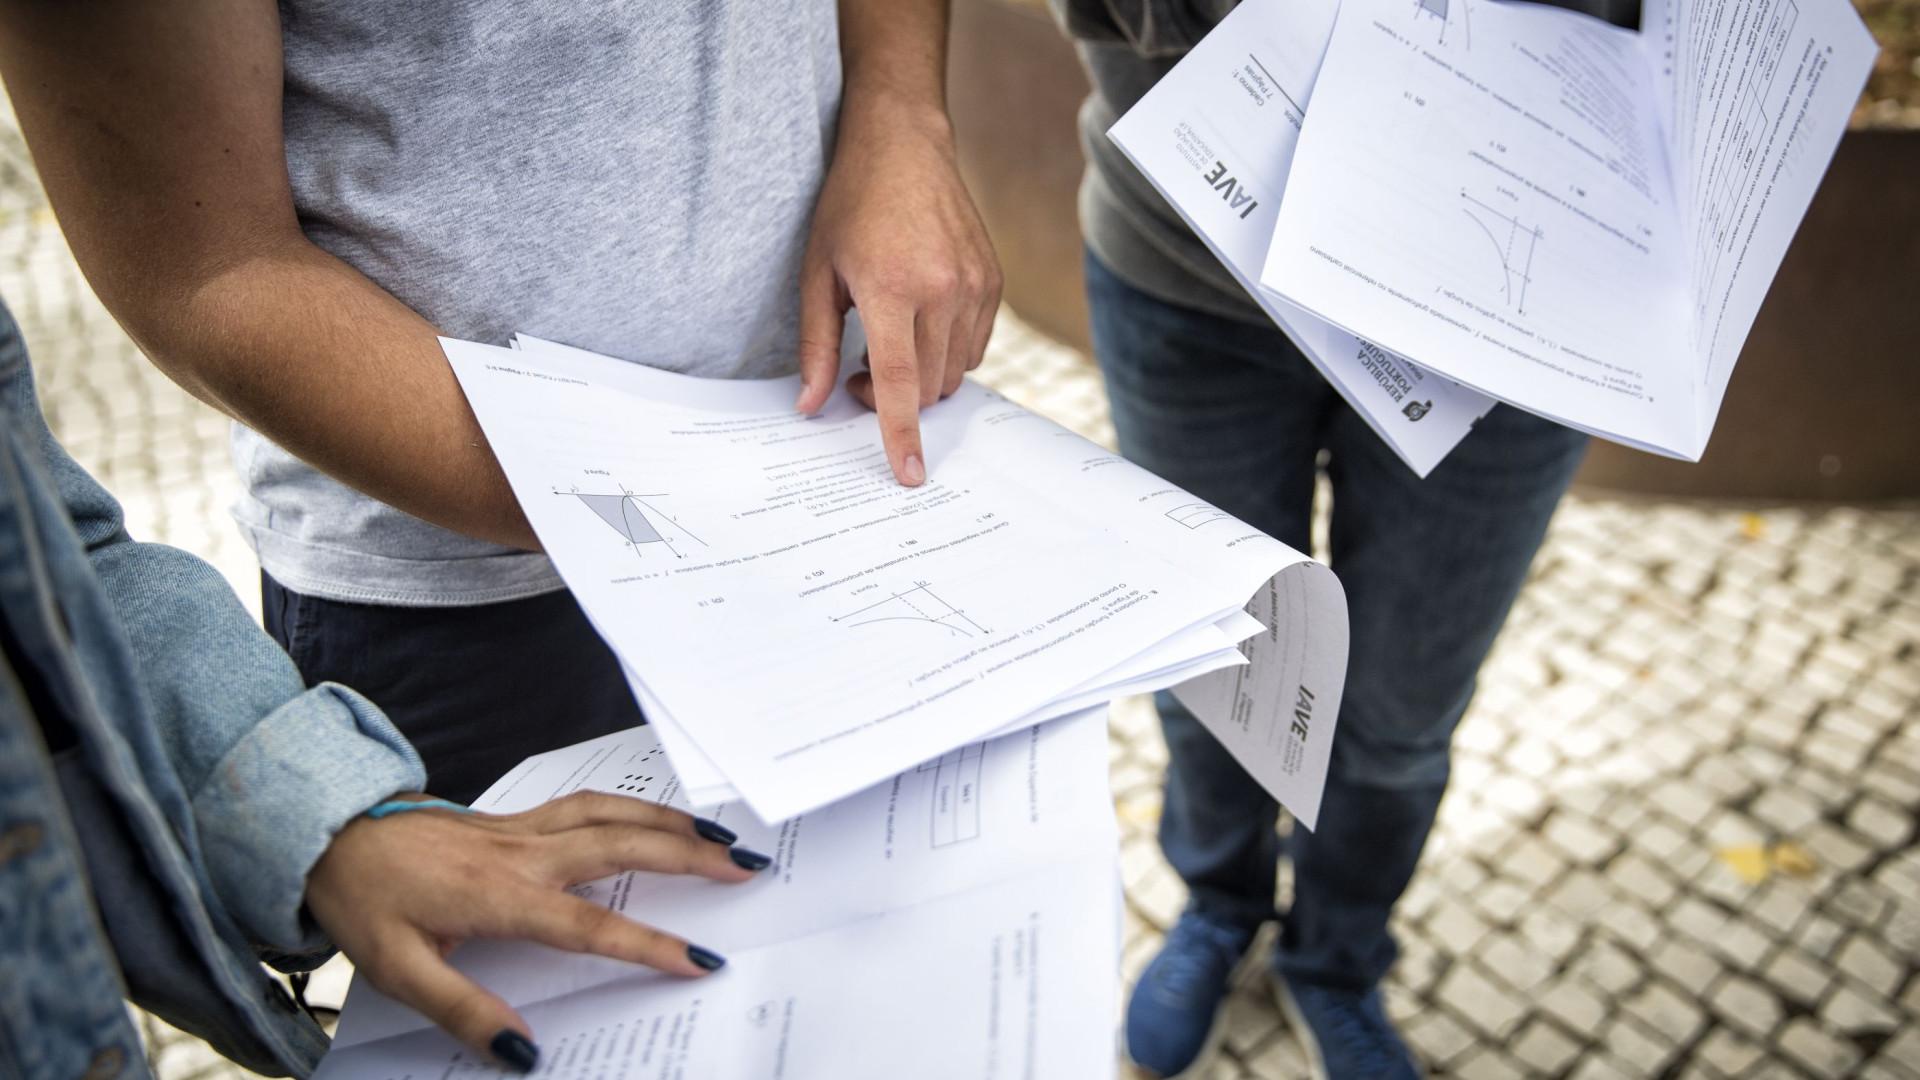 Exames nacionais: Aumentam reprovações a Matemática e História